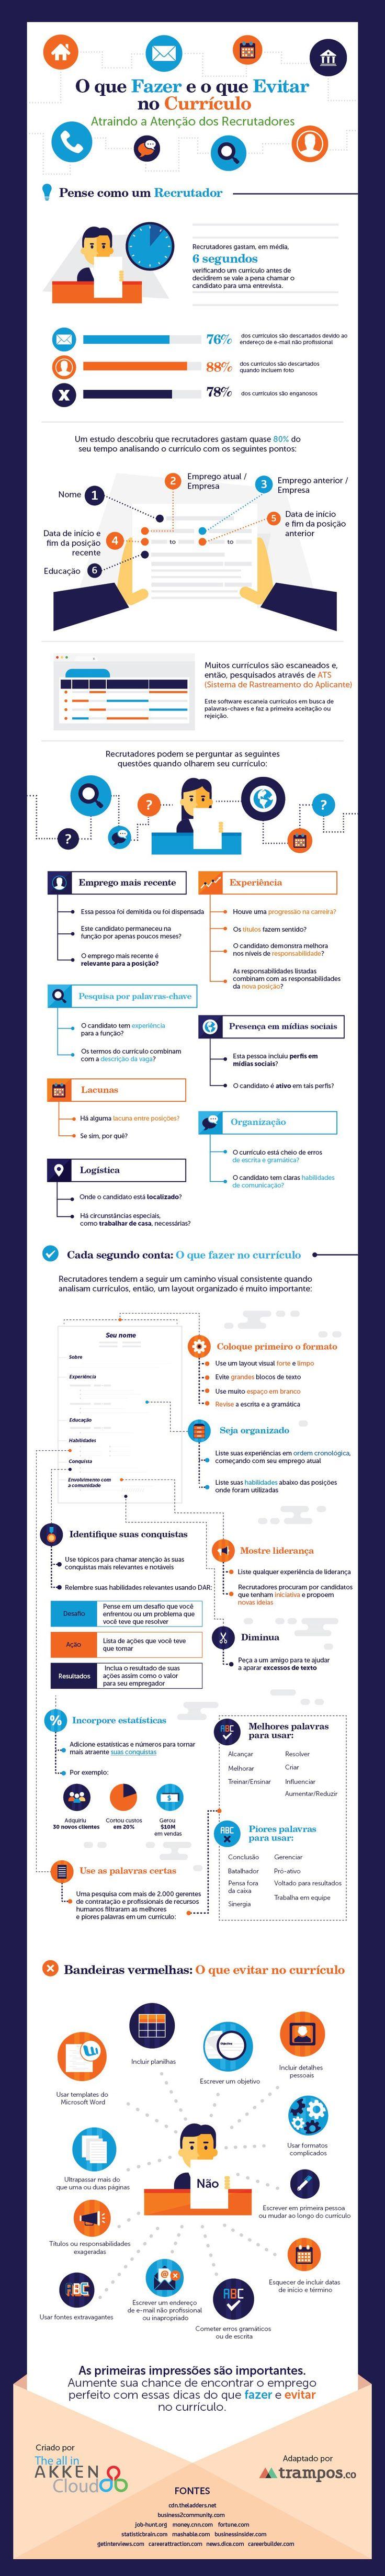 Infográfico: o que fazer e o que evitar no currículo